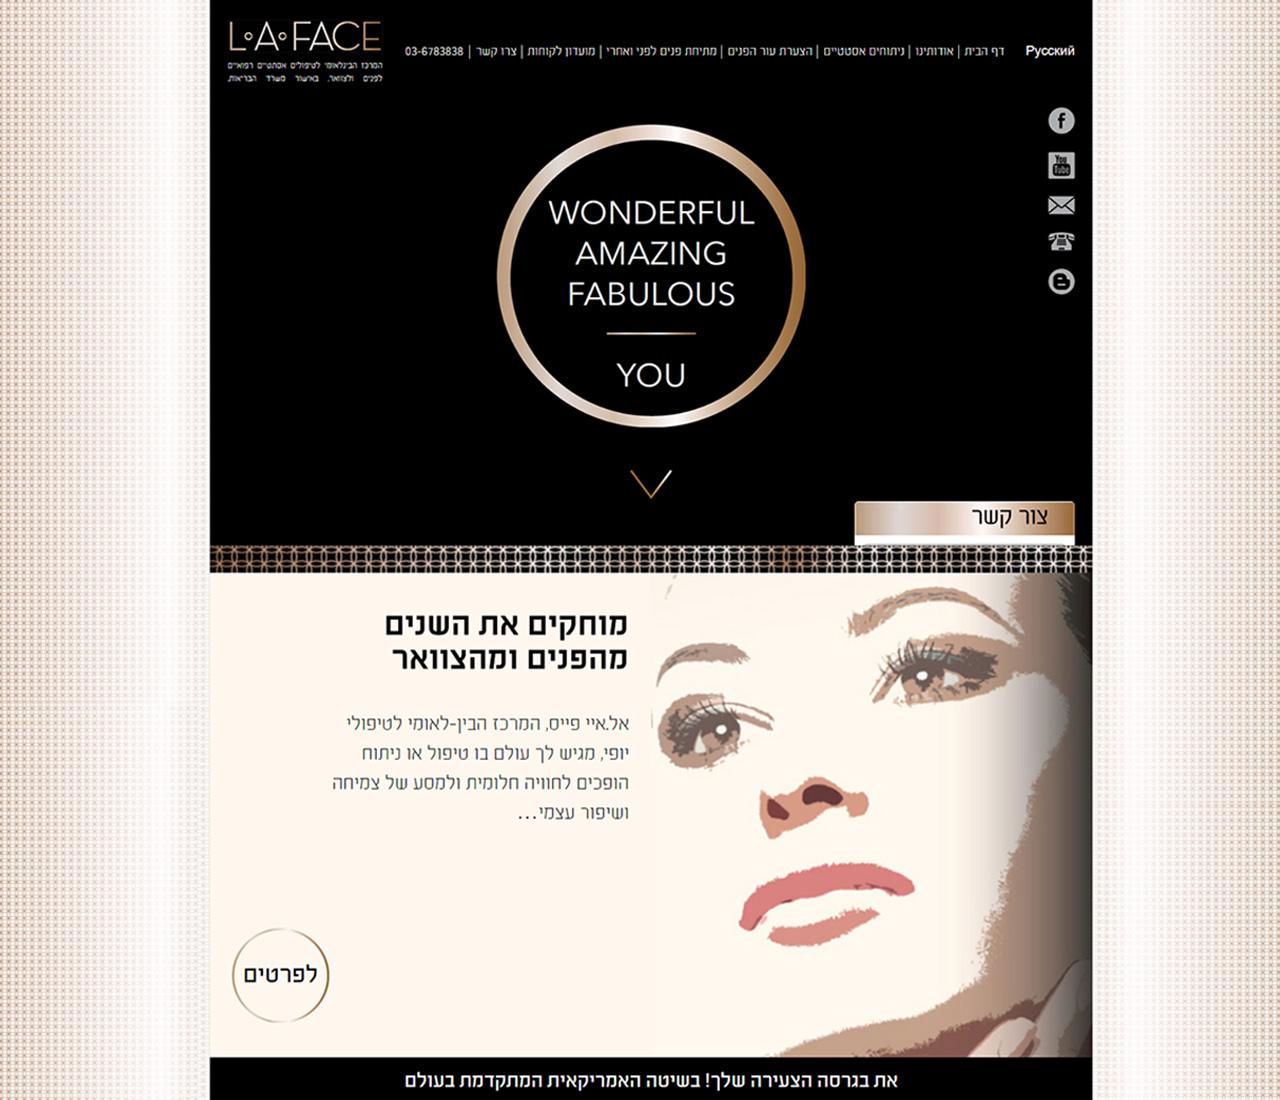 La-face.co.il – בניית אתר עד המפתח